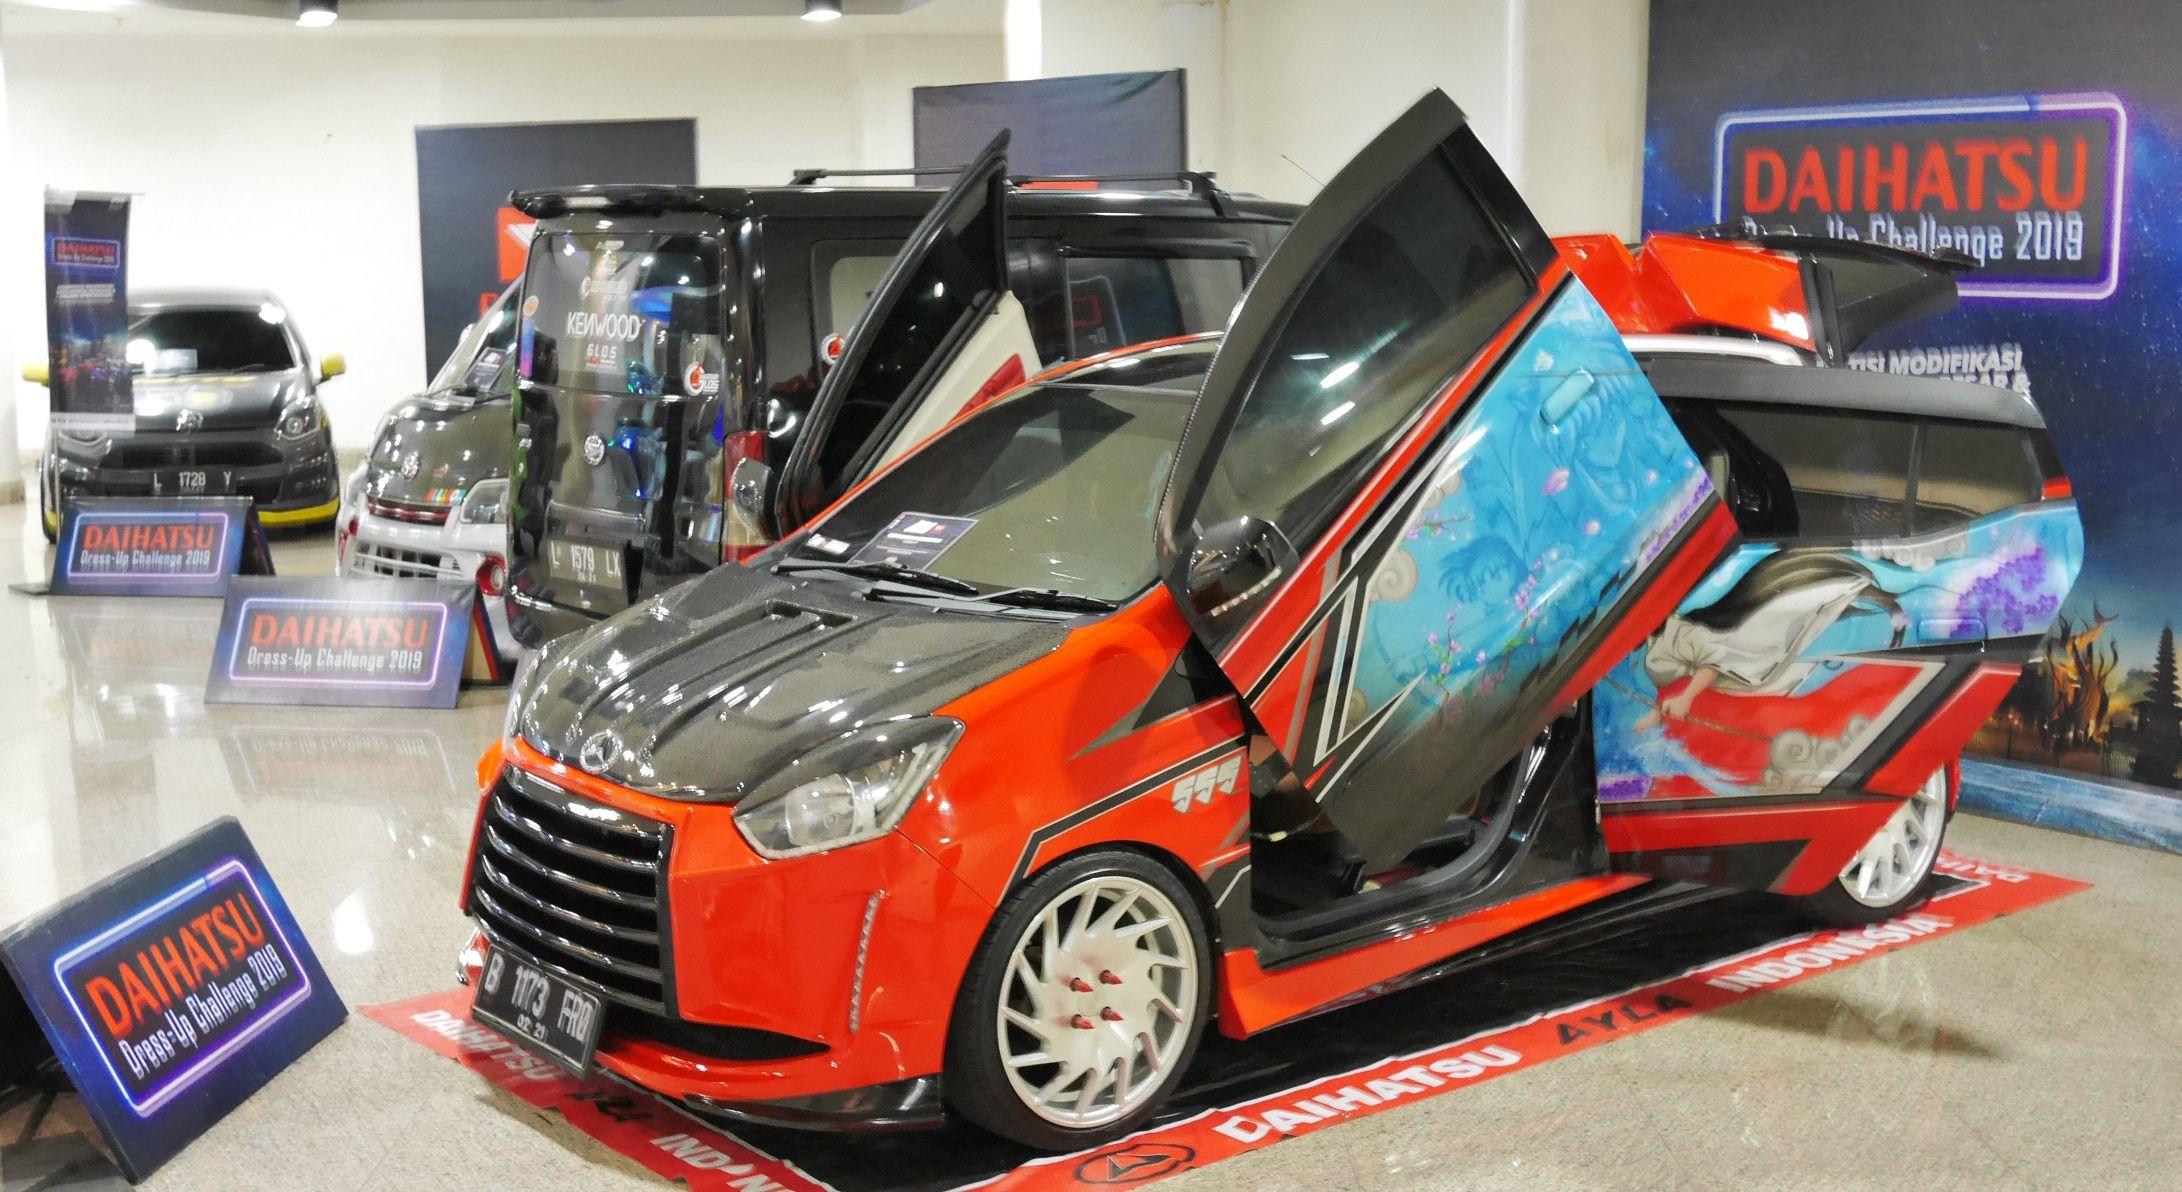 Modifikasi Mobil Ayla 600 Modifikasi Mobil Mobil Daihatsu